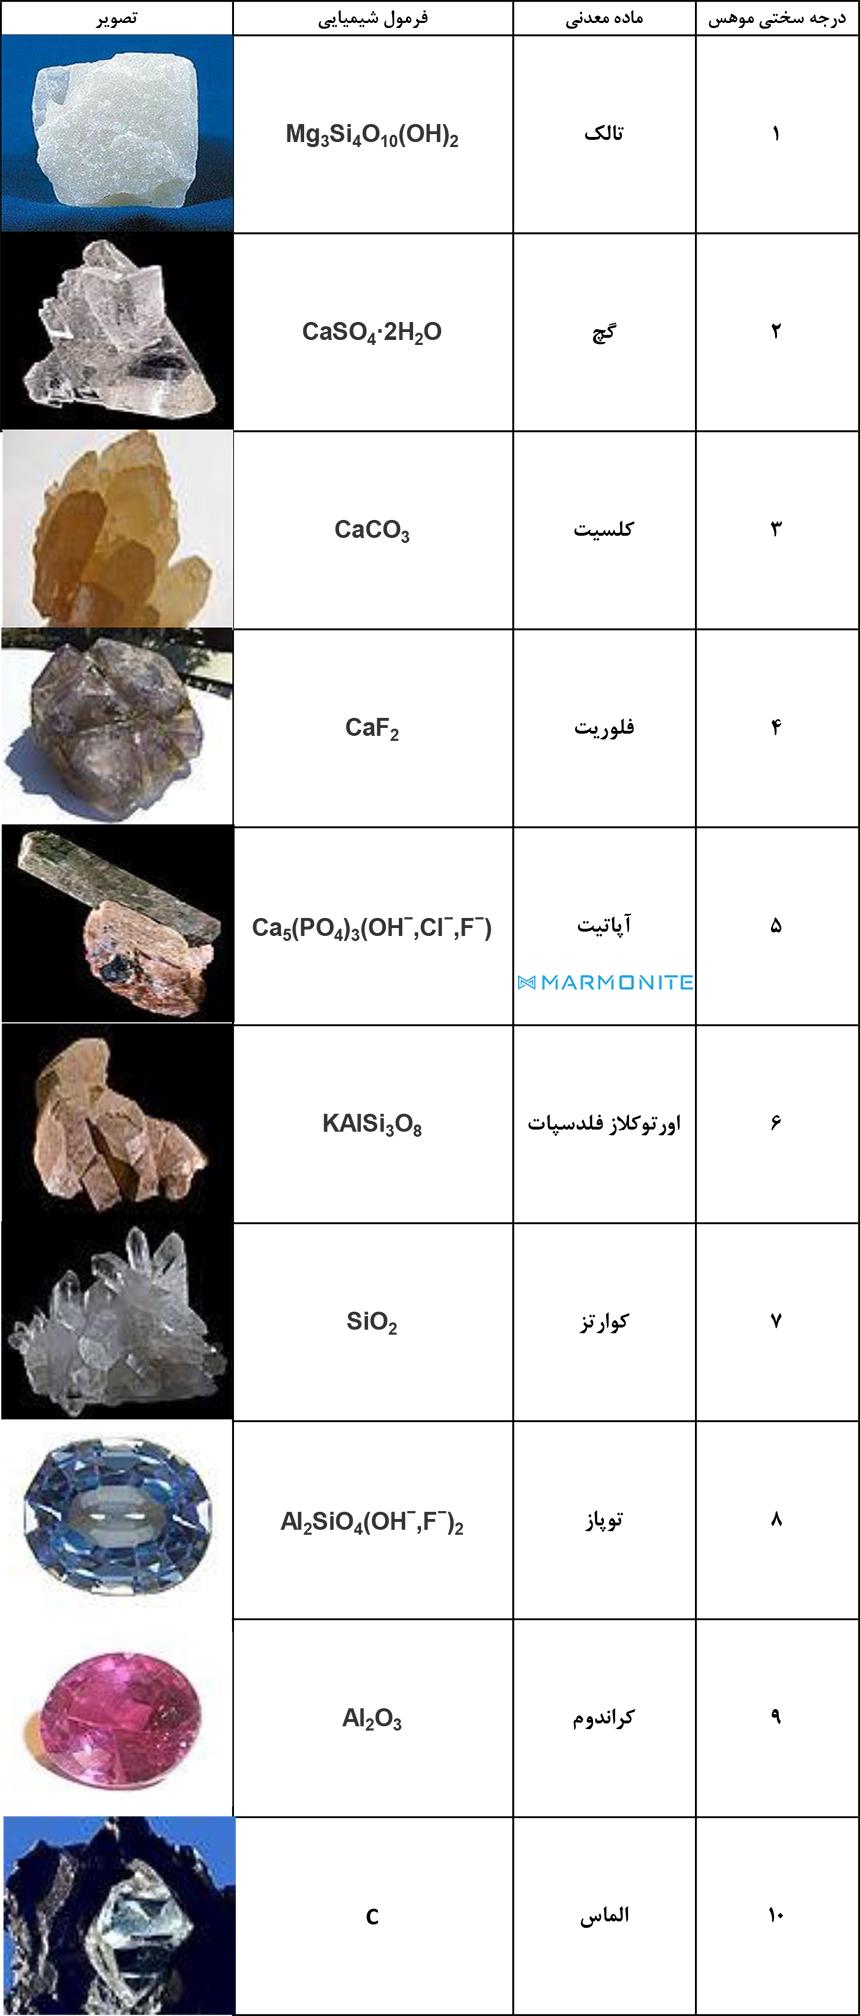 جدول درجه سختی موهس و میزان خش پذیری مارمونایت